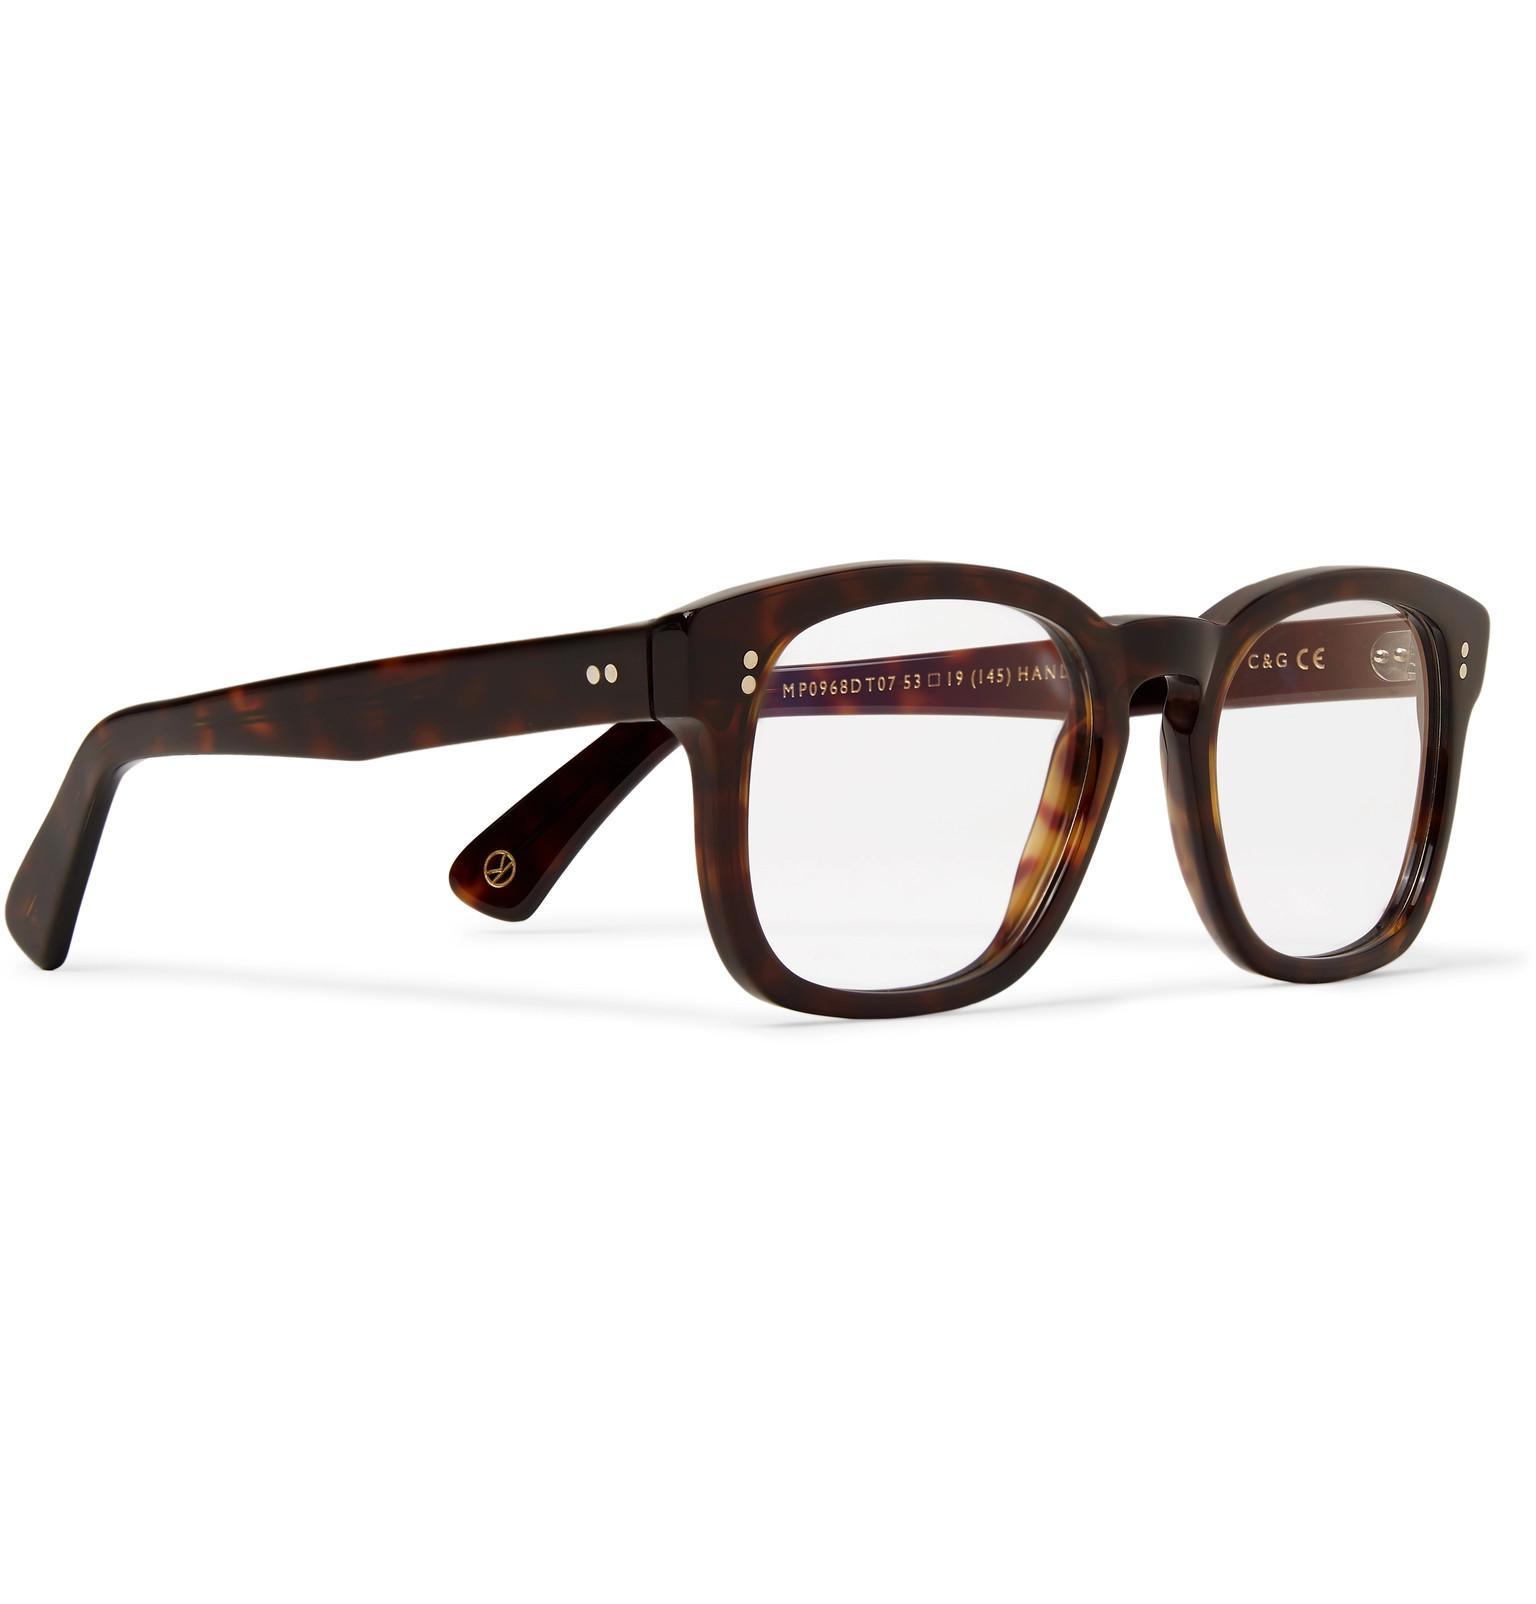 62cb0671f0 Kingsman - Brown + Cutler And Gross D-frame Tortoiseshell Acetate Optical  Glasses for Men. View fullscreen